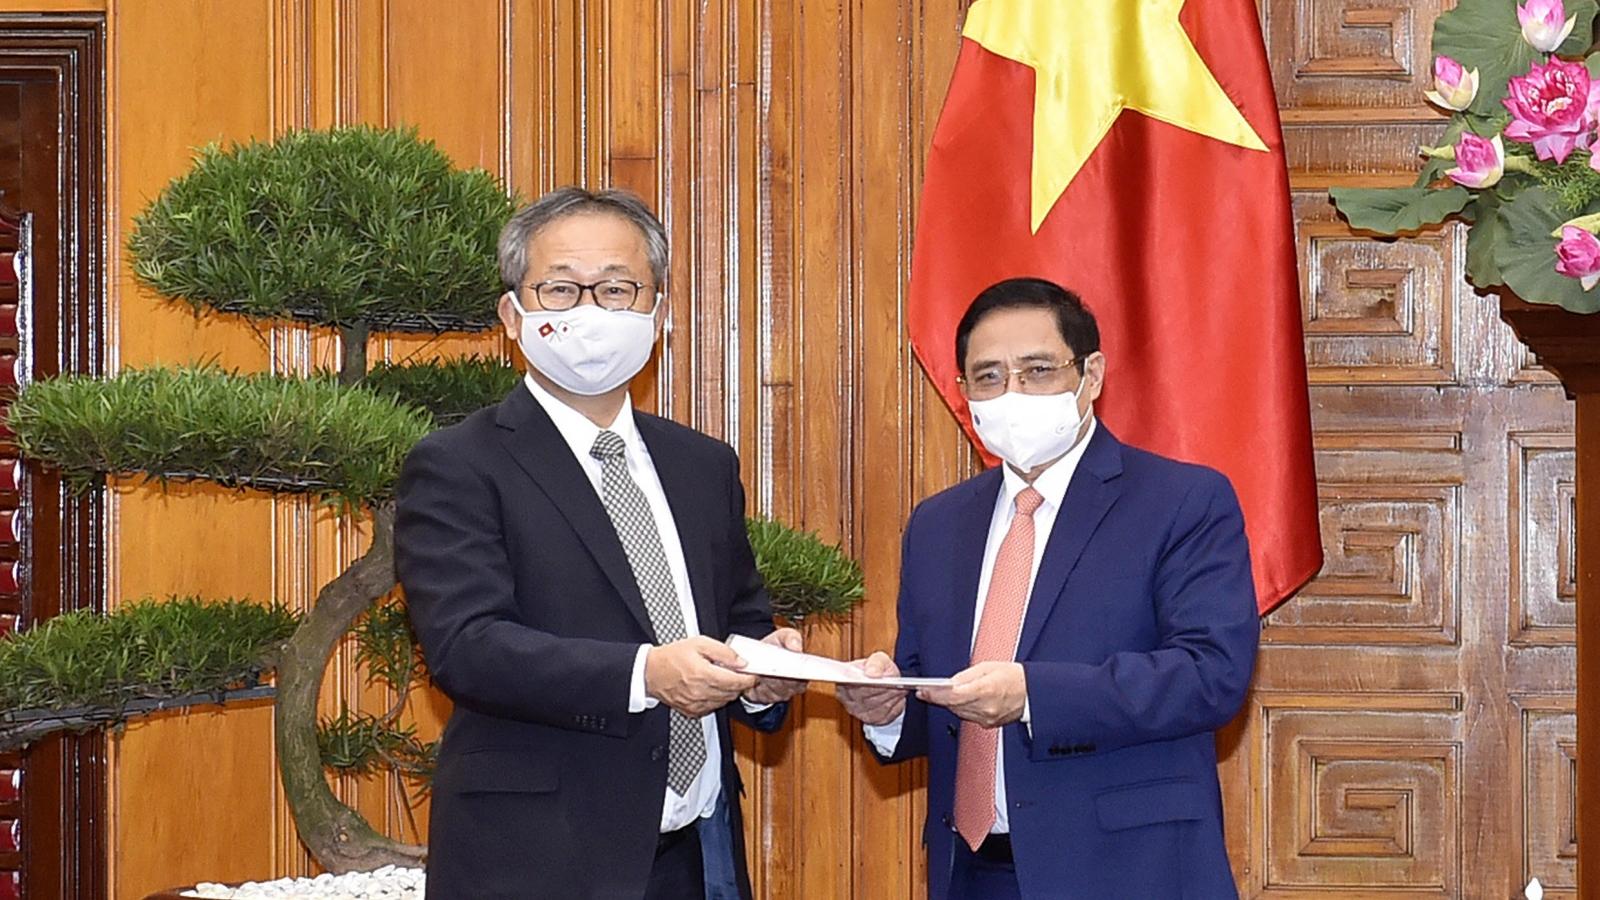 Thủ tướng Phạm Minh Chính tiếp Đại sứ Nhật Bản tại Việt Nam Yamada Takio